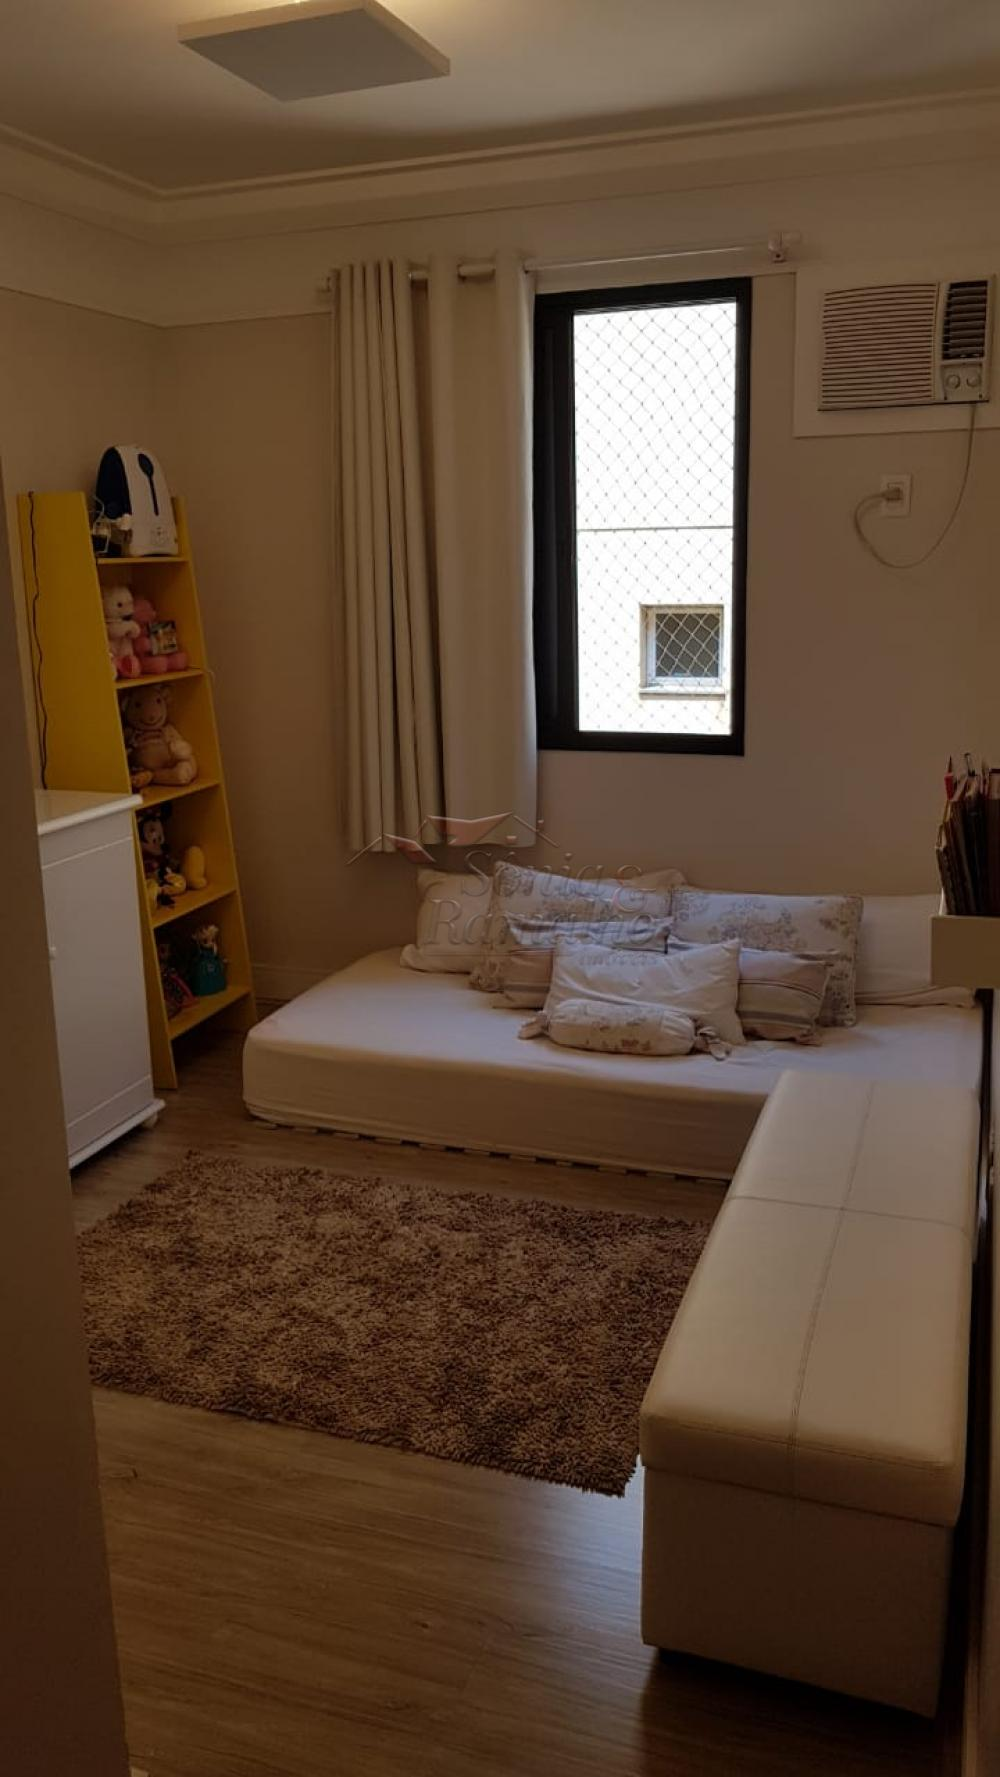 Comprar Apartamentos / Padrão em Ribeirão Preto apenas R$ 795.000,00 - Foto 18